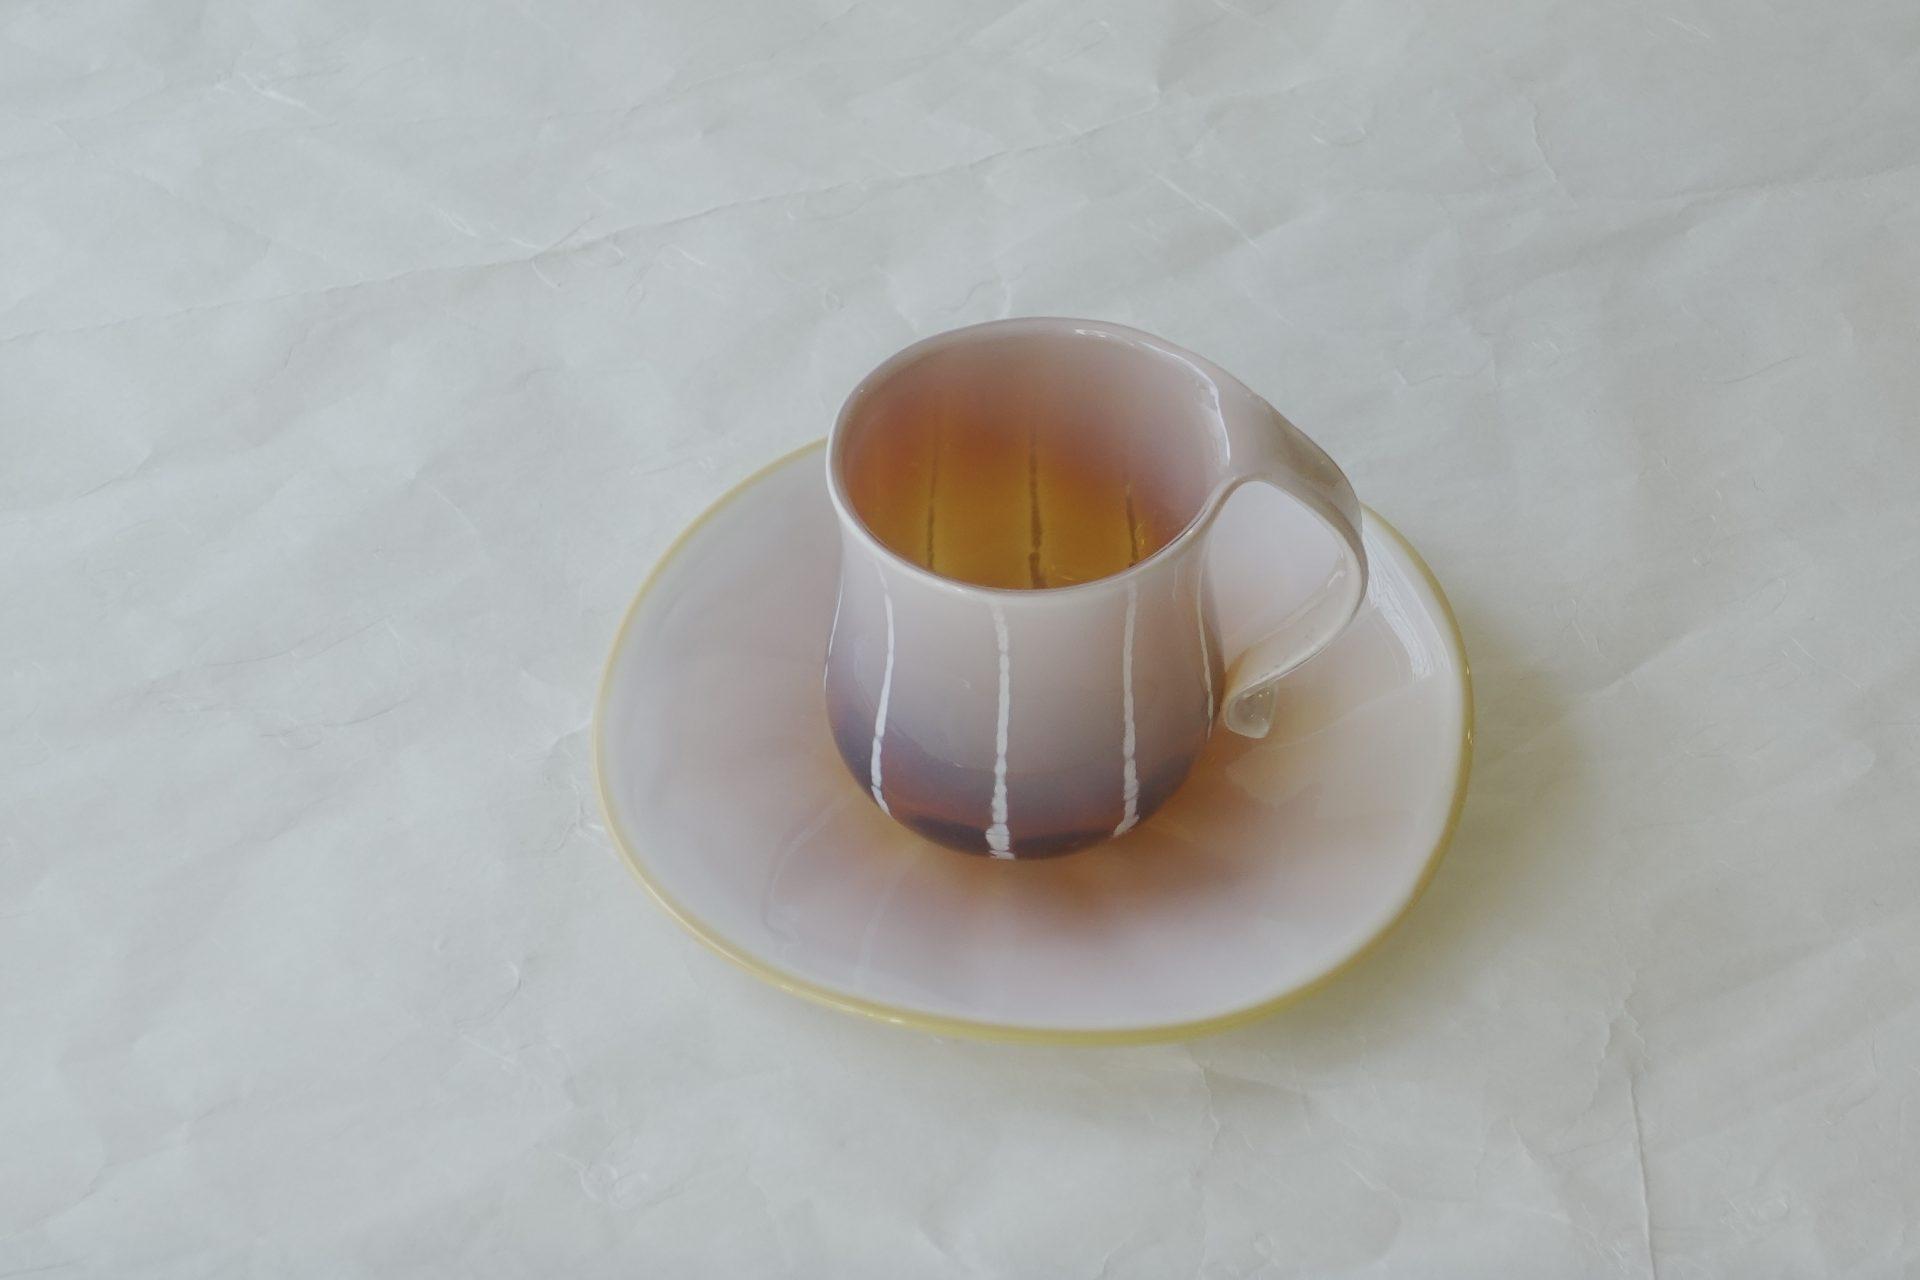 ガラス製品 日本製 手づくり 耐熱ガラス 職人の技術 美しい色彩 高度な技術 クリーム アンバー 芸術 硬い 欠けにくい